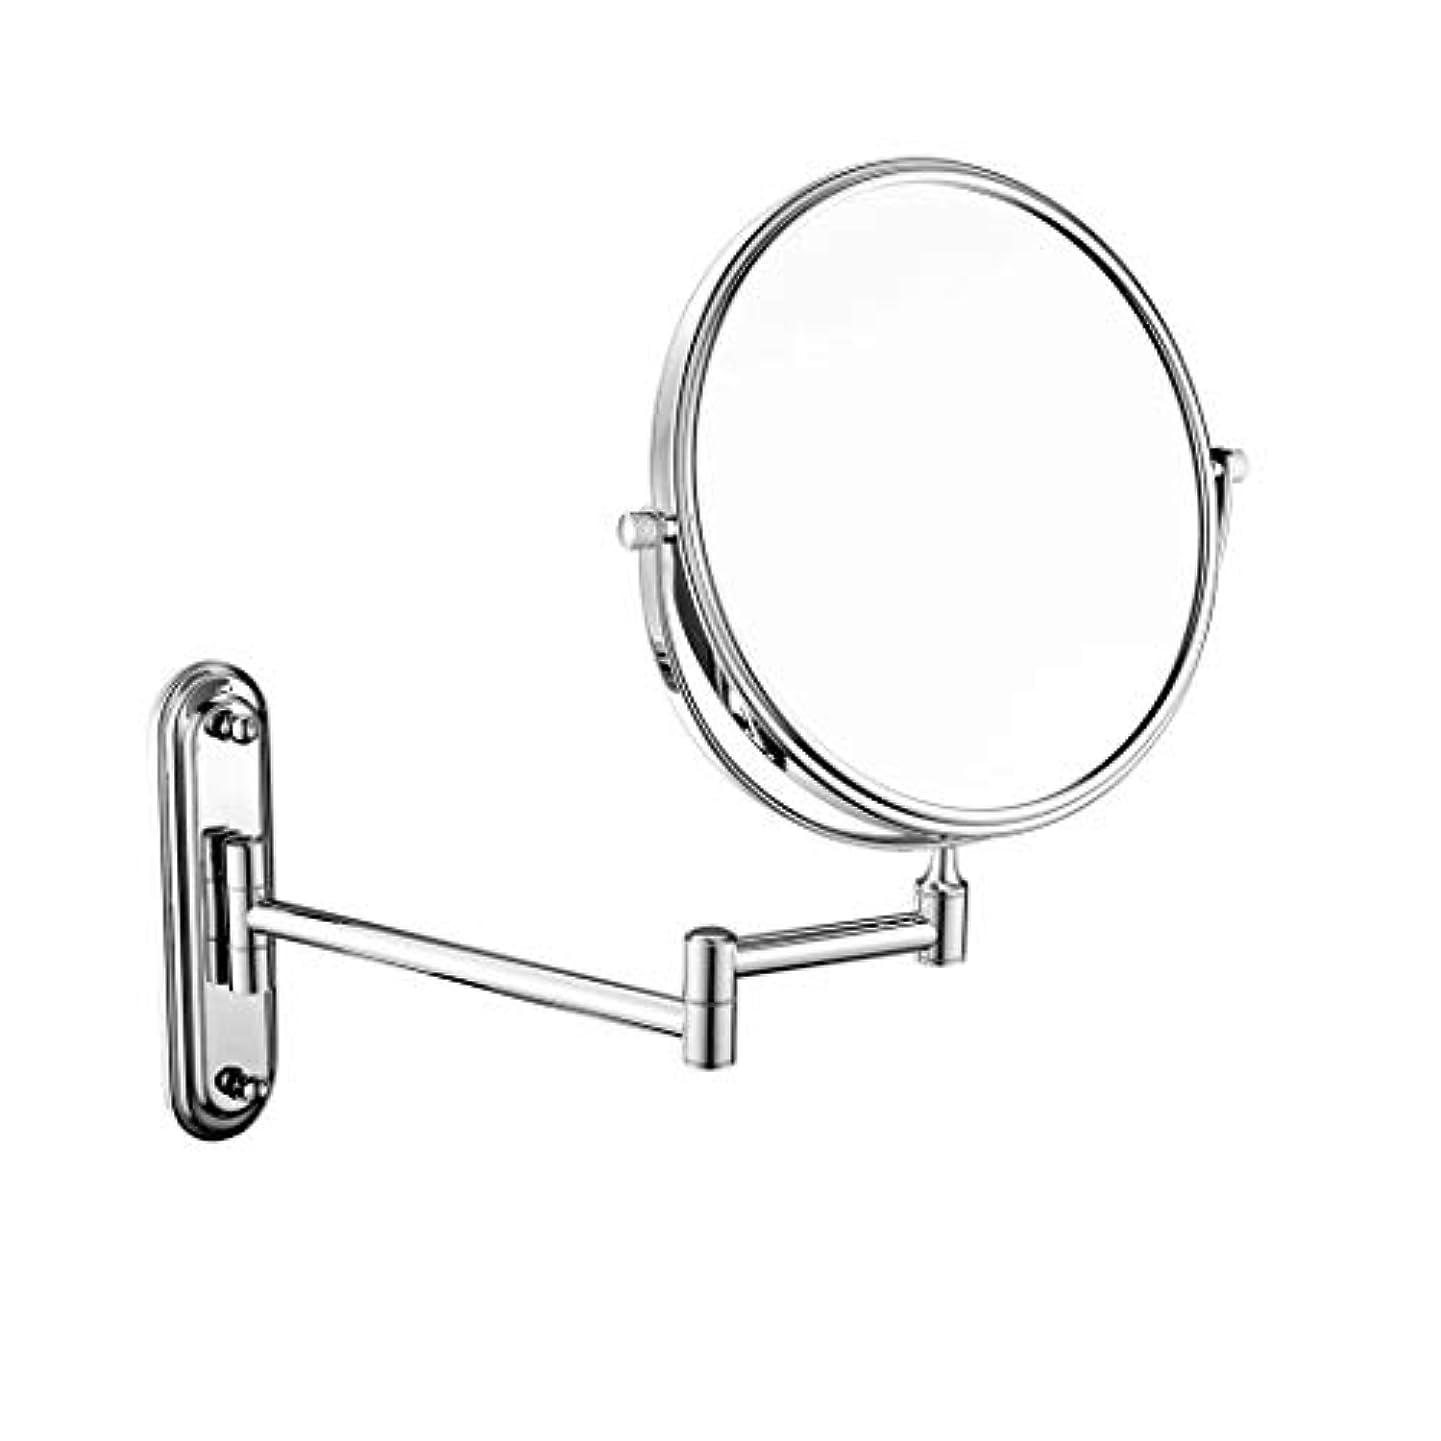 オーバーランサーキュレーションミネラル壁掛け浴室用ミラー両面化粧鏡3倍/ 5倍/ 7倍/ 10倍拡大虚栄心拡大鏡回転、お風呂、スパ、ホテル用拡張可能 (色 : Metal, サイズ さいず : 8 inch-7x)